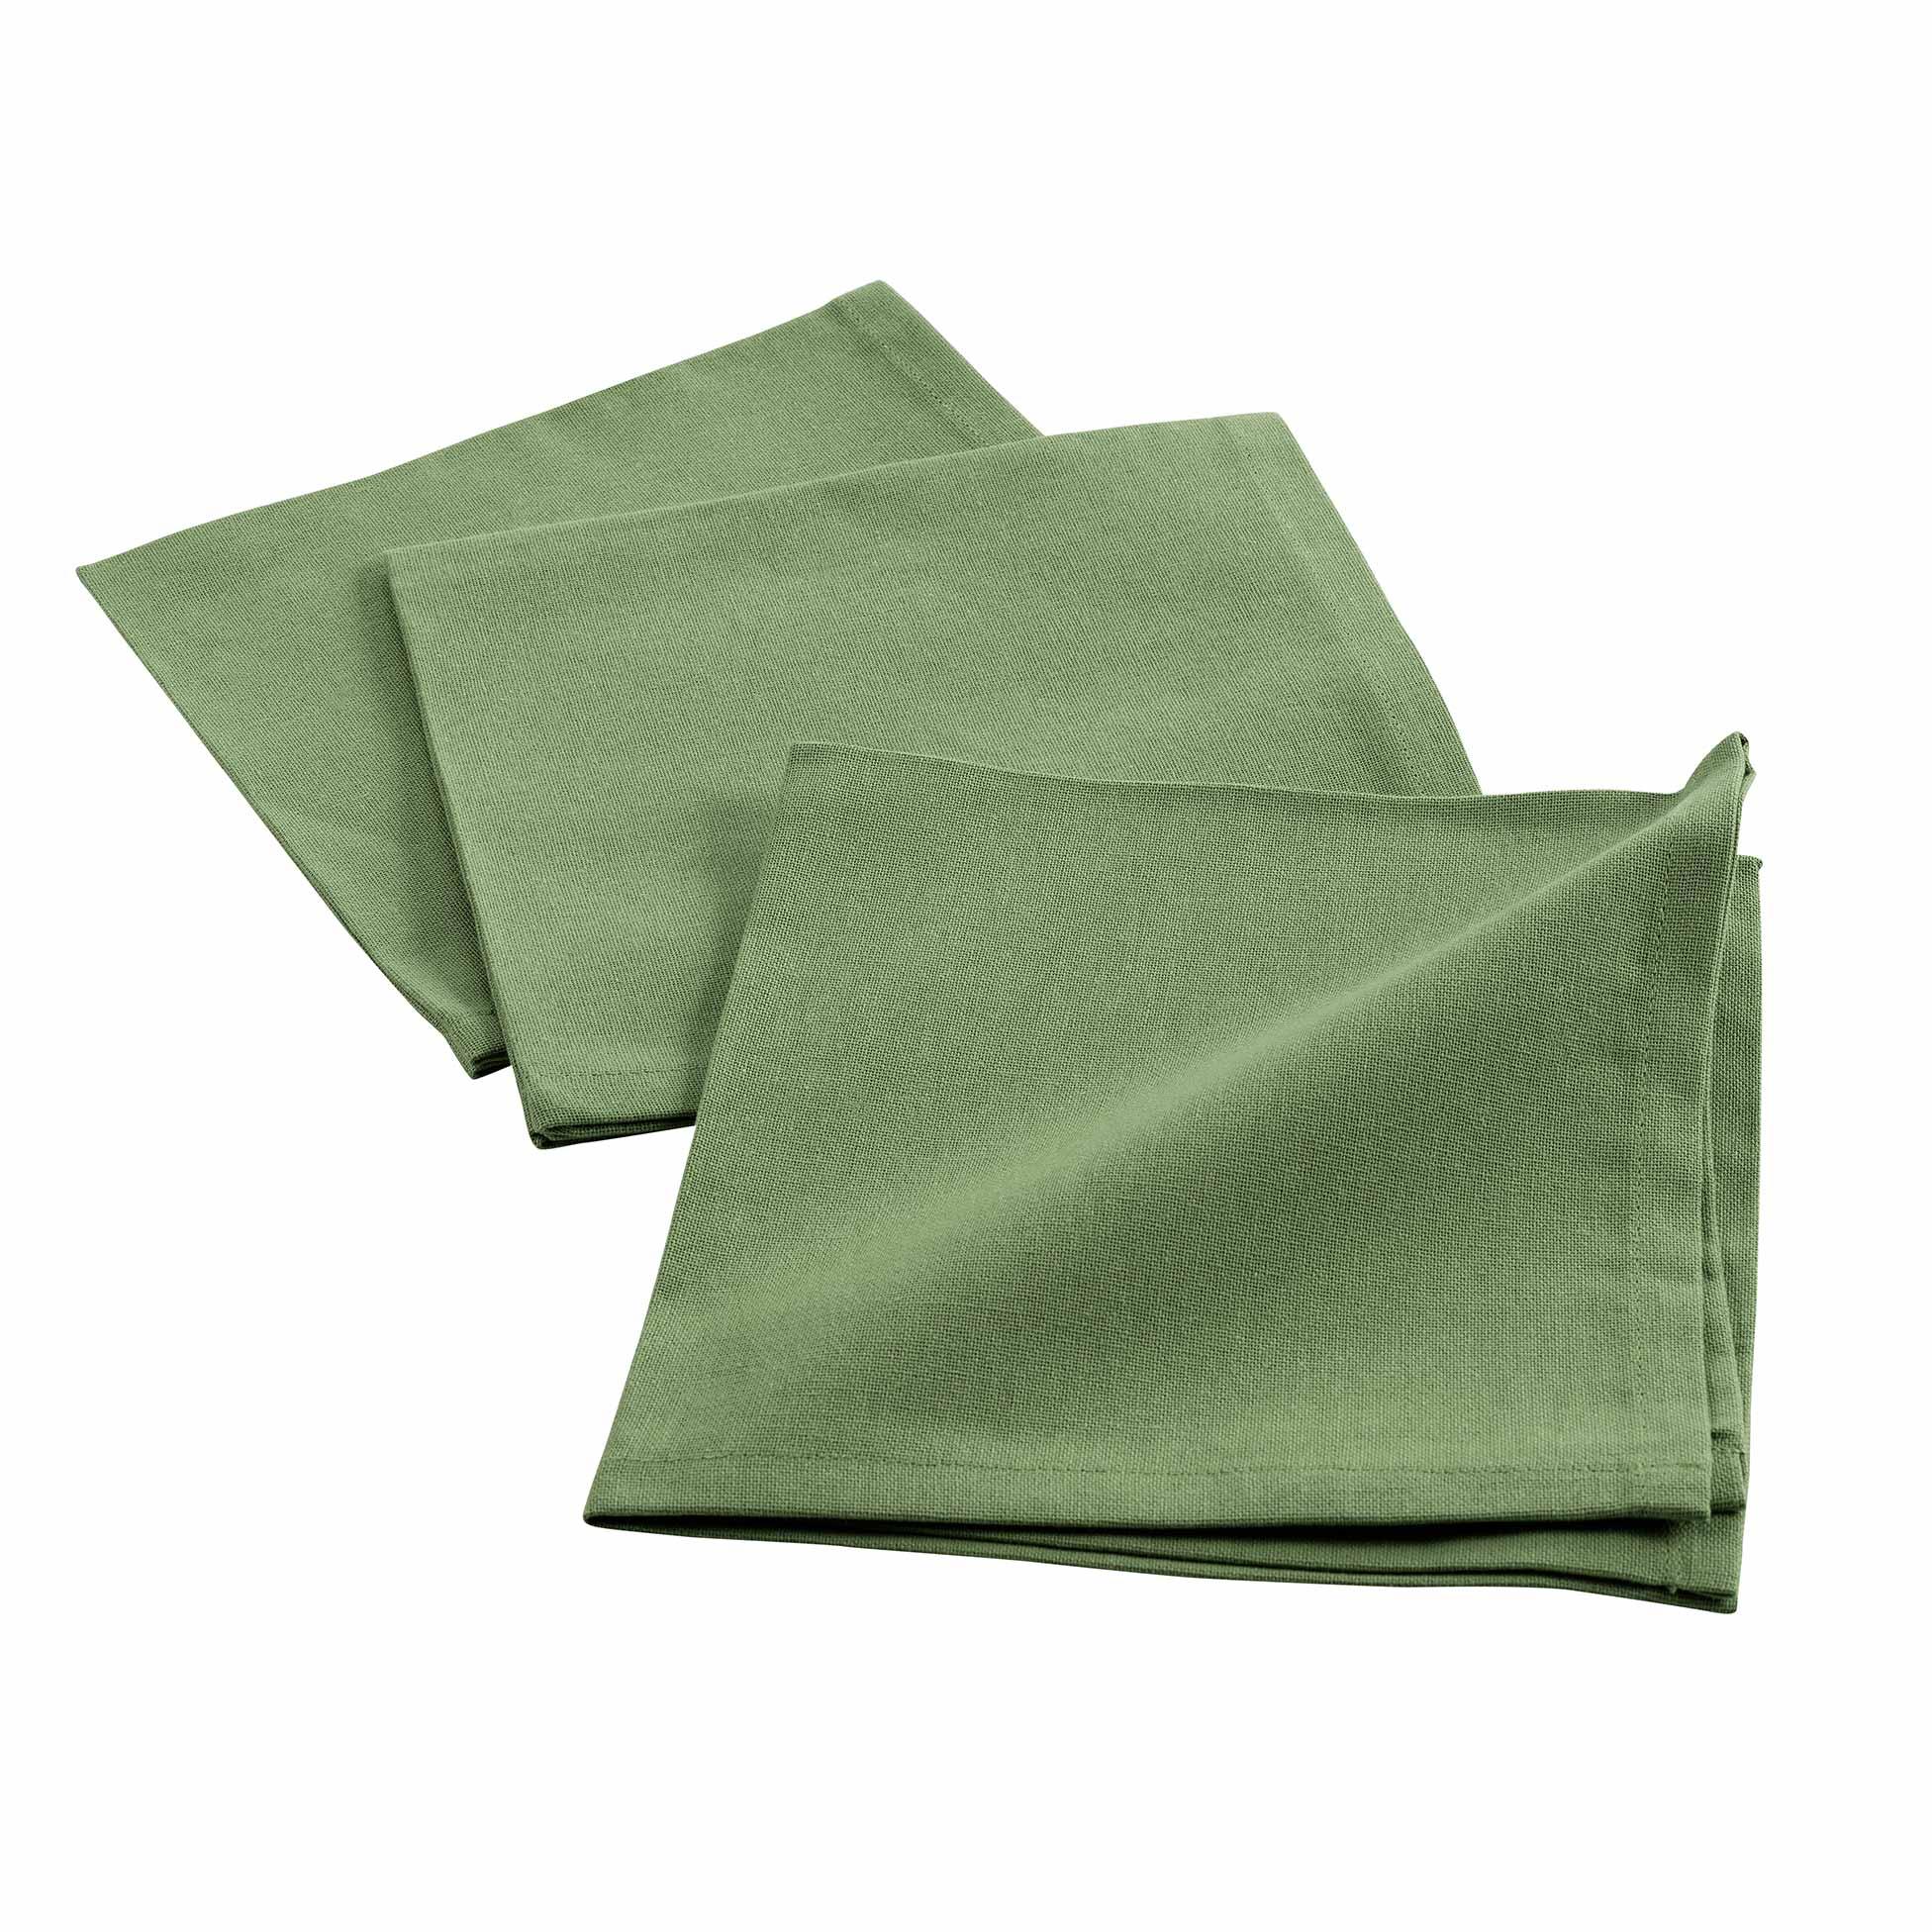 3 serviettes de tables unies coton kaki 40x40